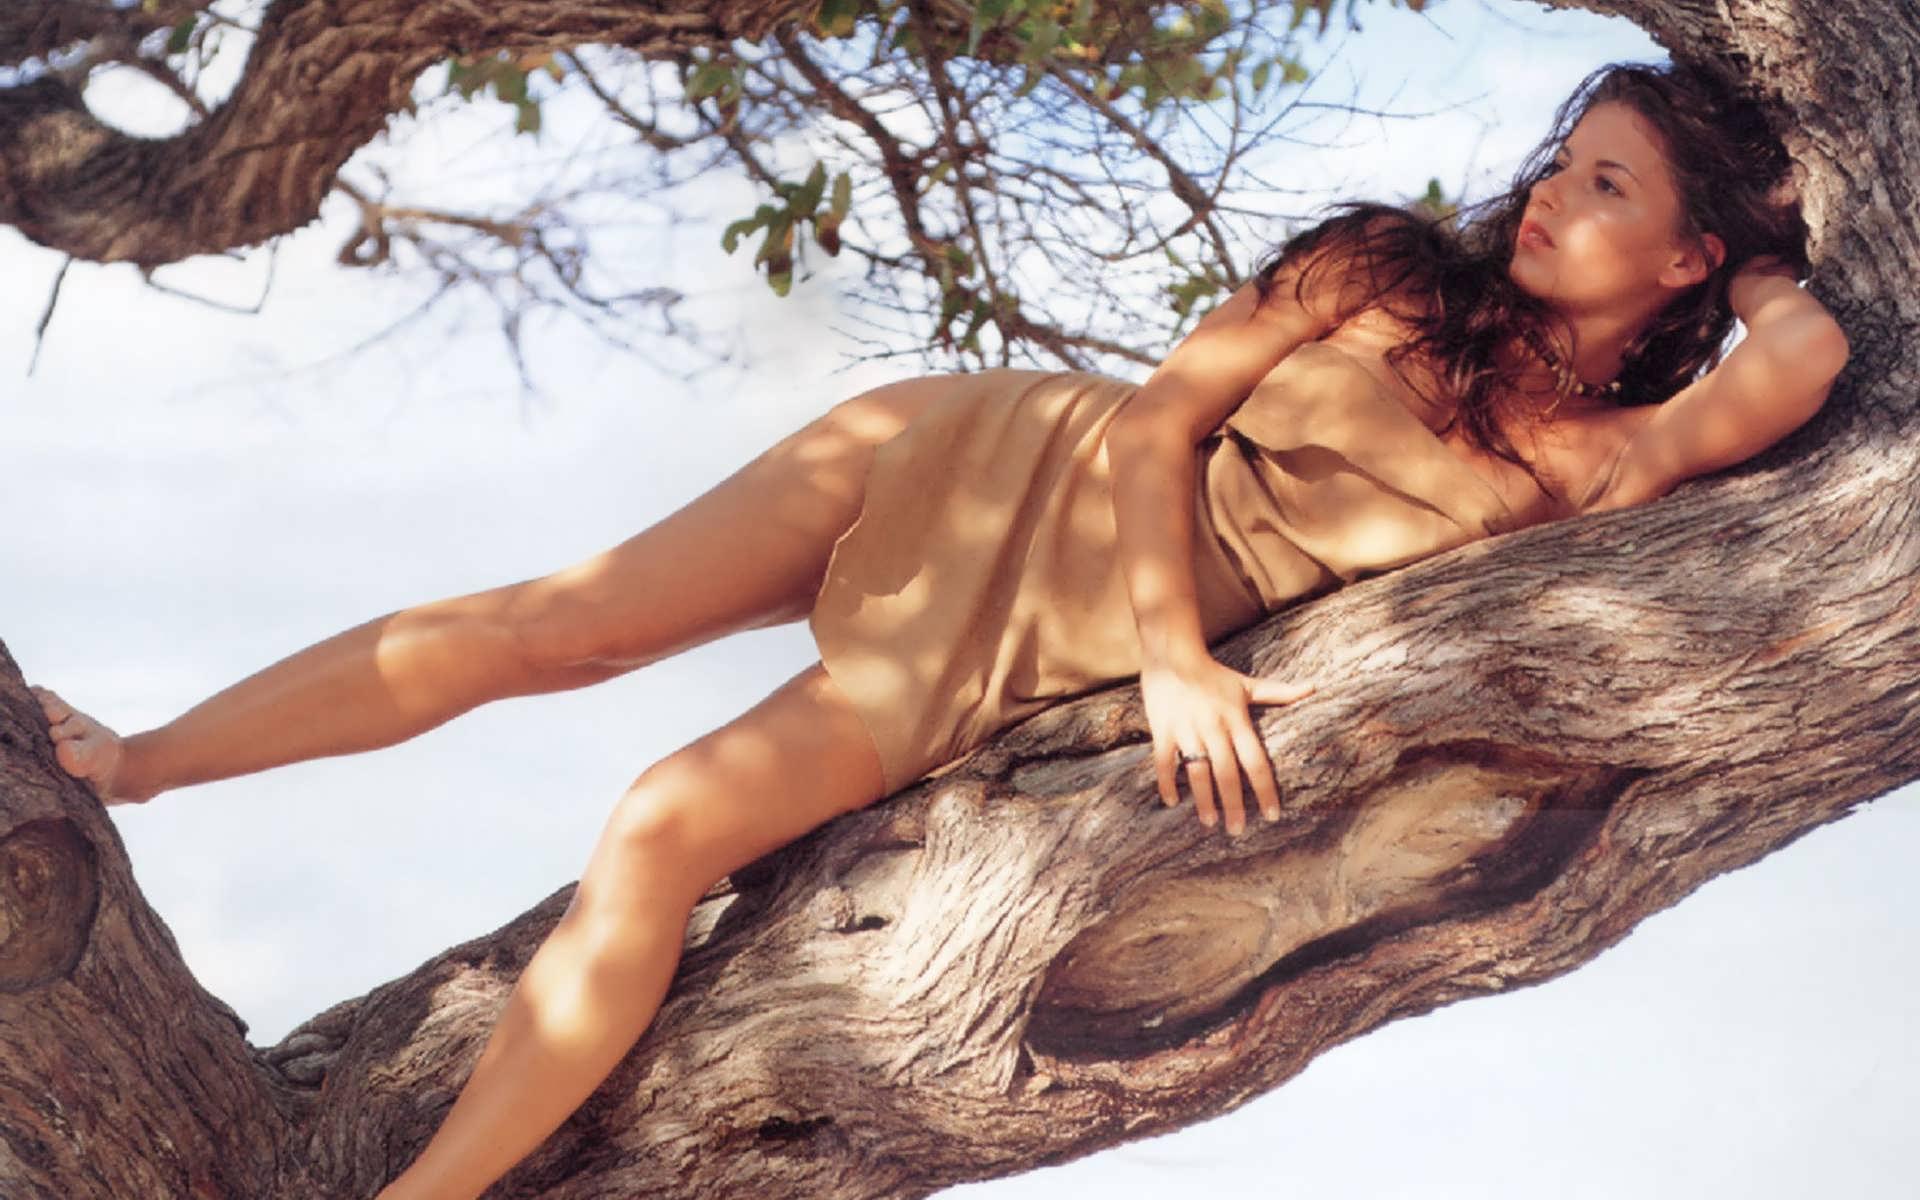 Фото голых романтических девушек 23 фотография